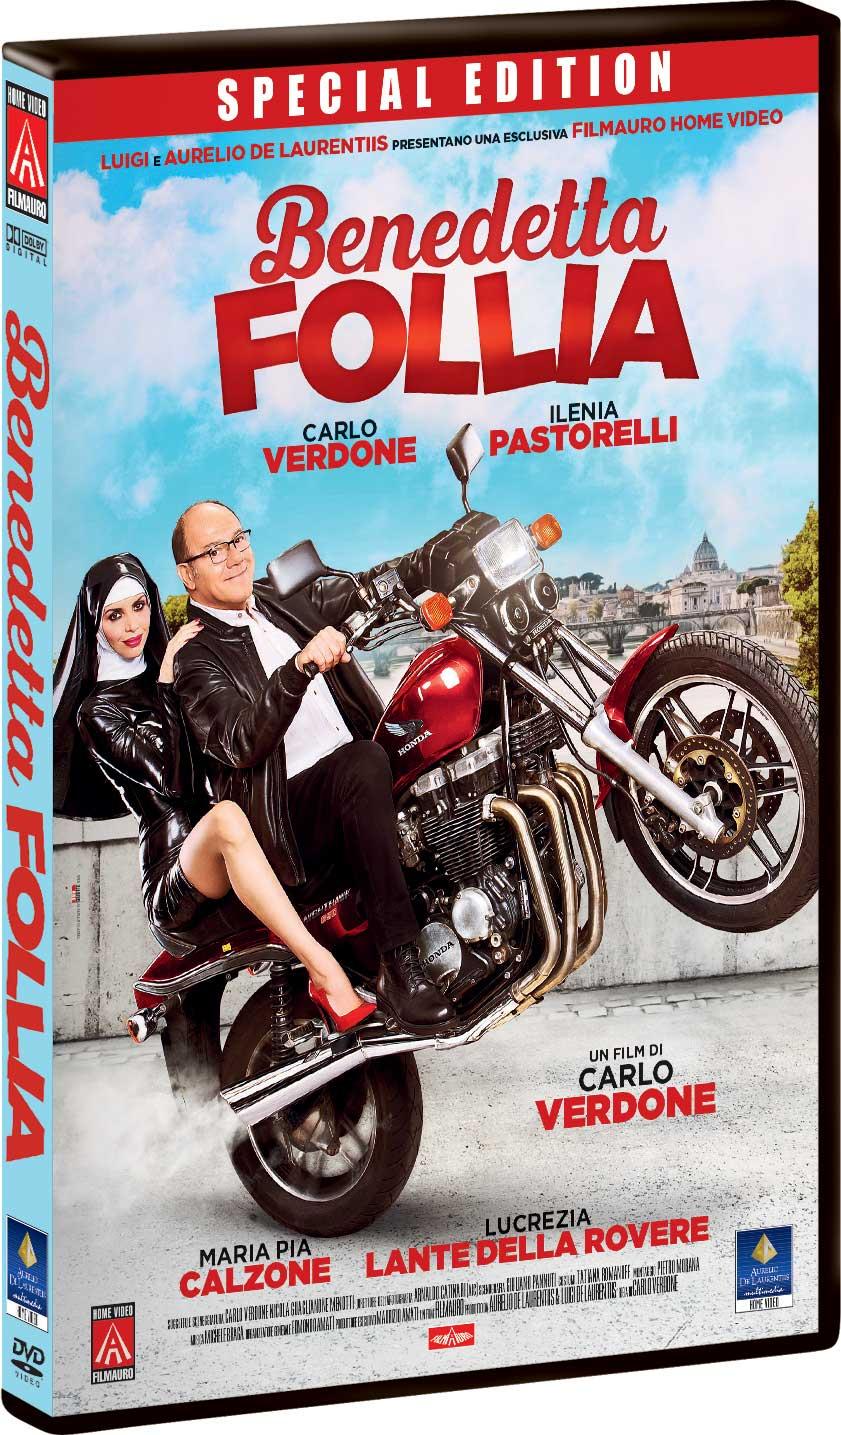 BENEDETTA FOLLIA (DVD)